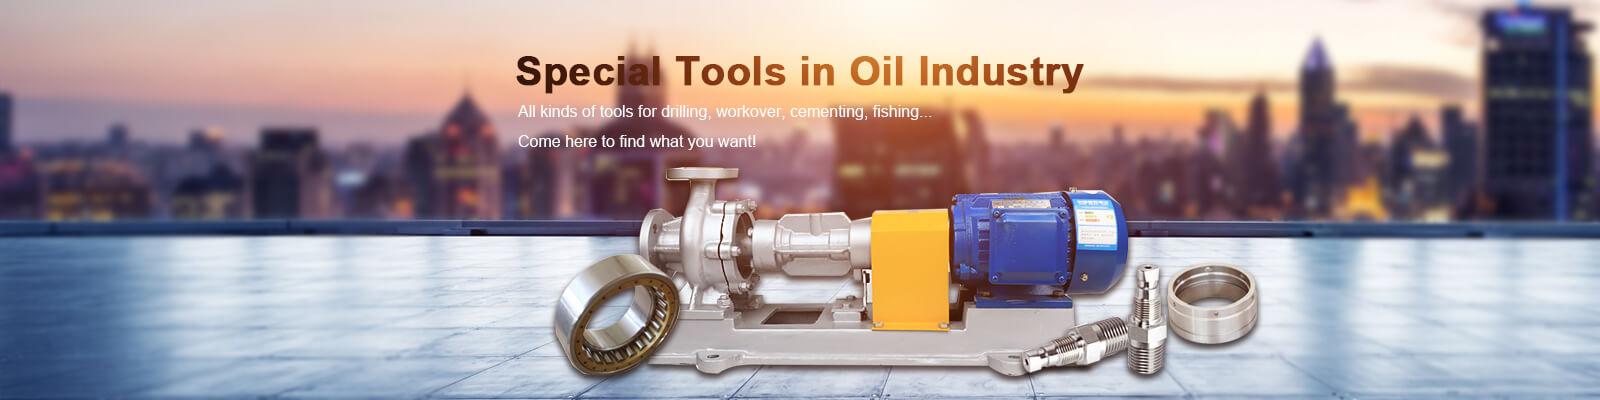 Petroleum Special Tools